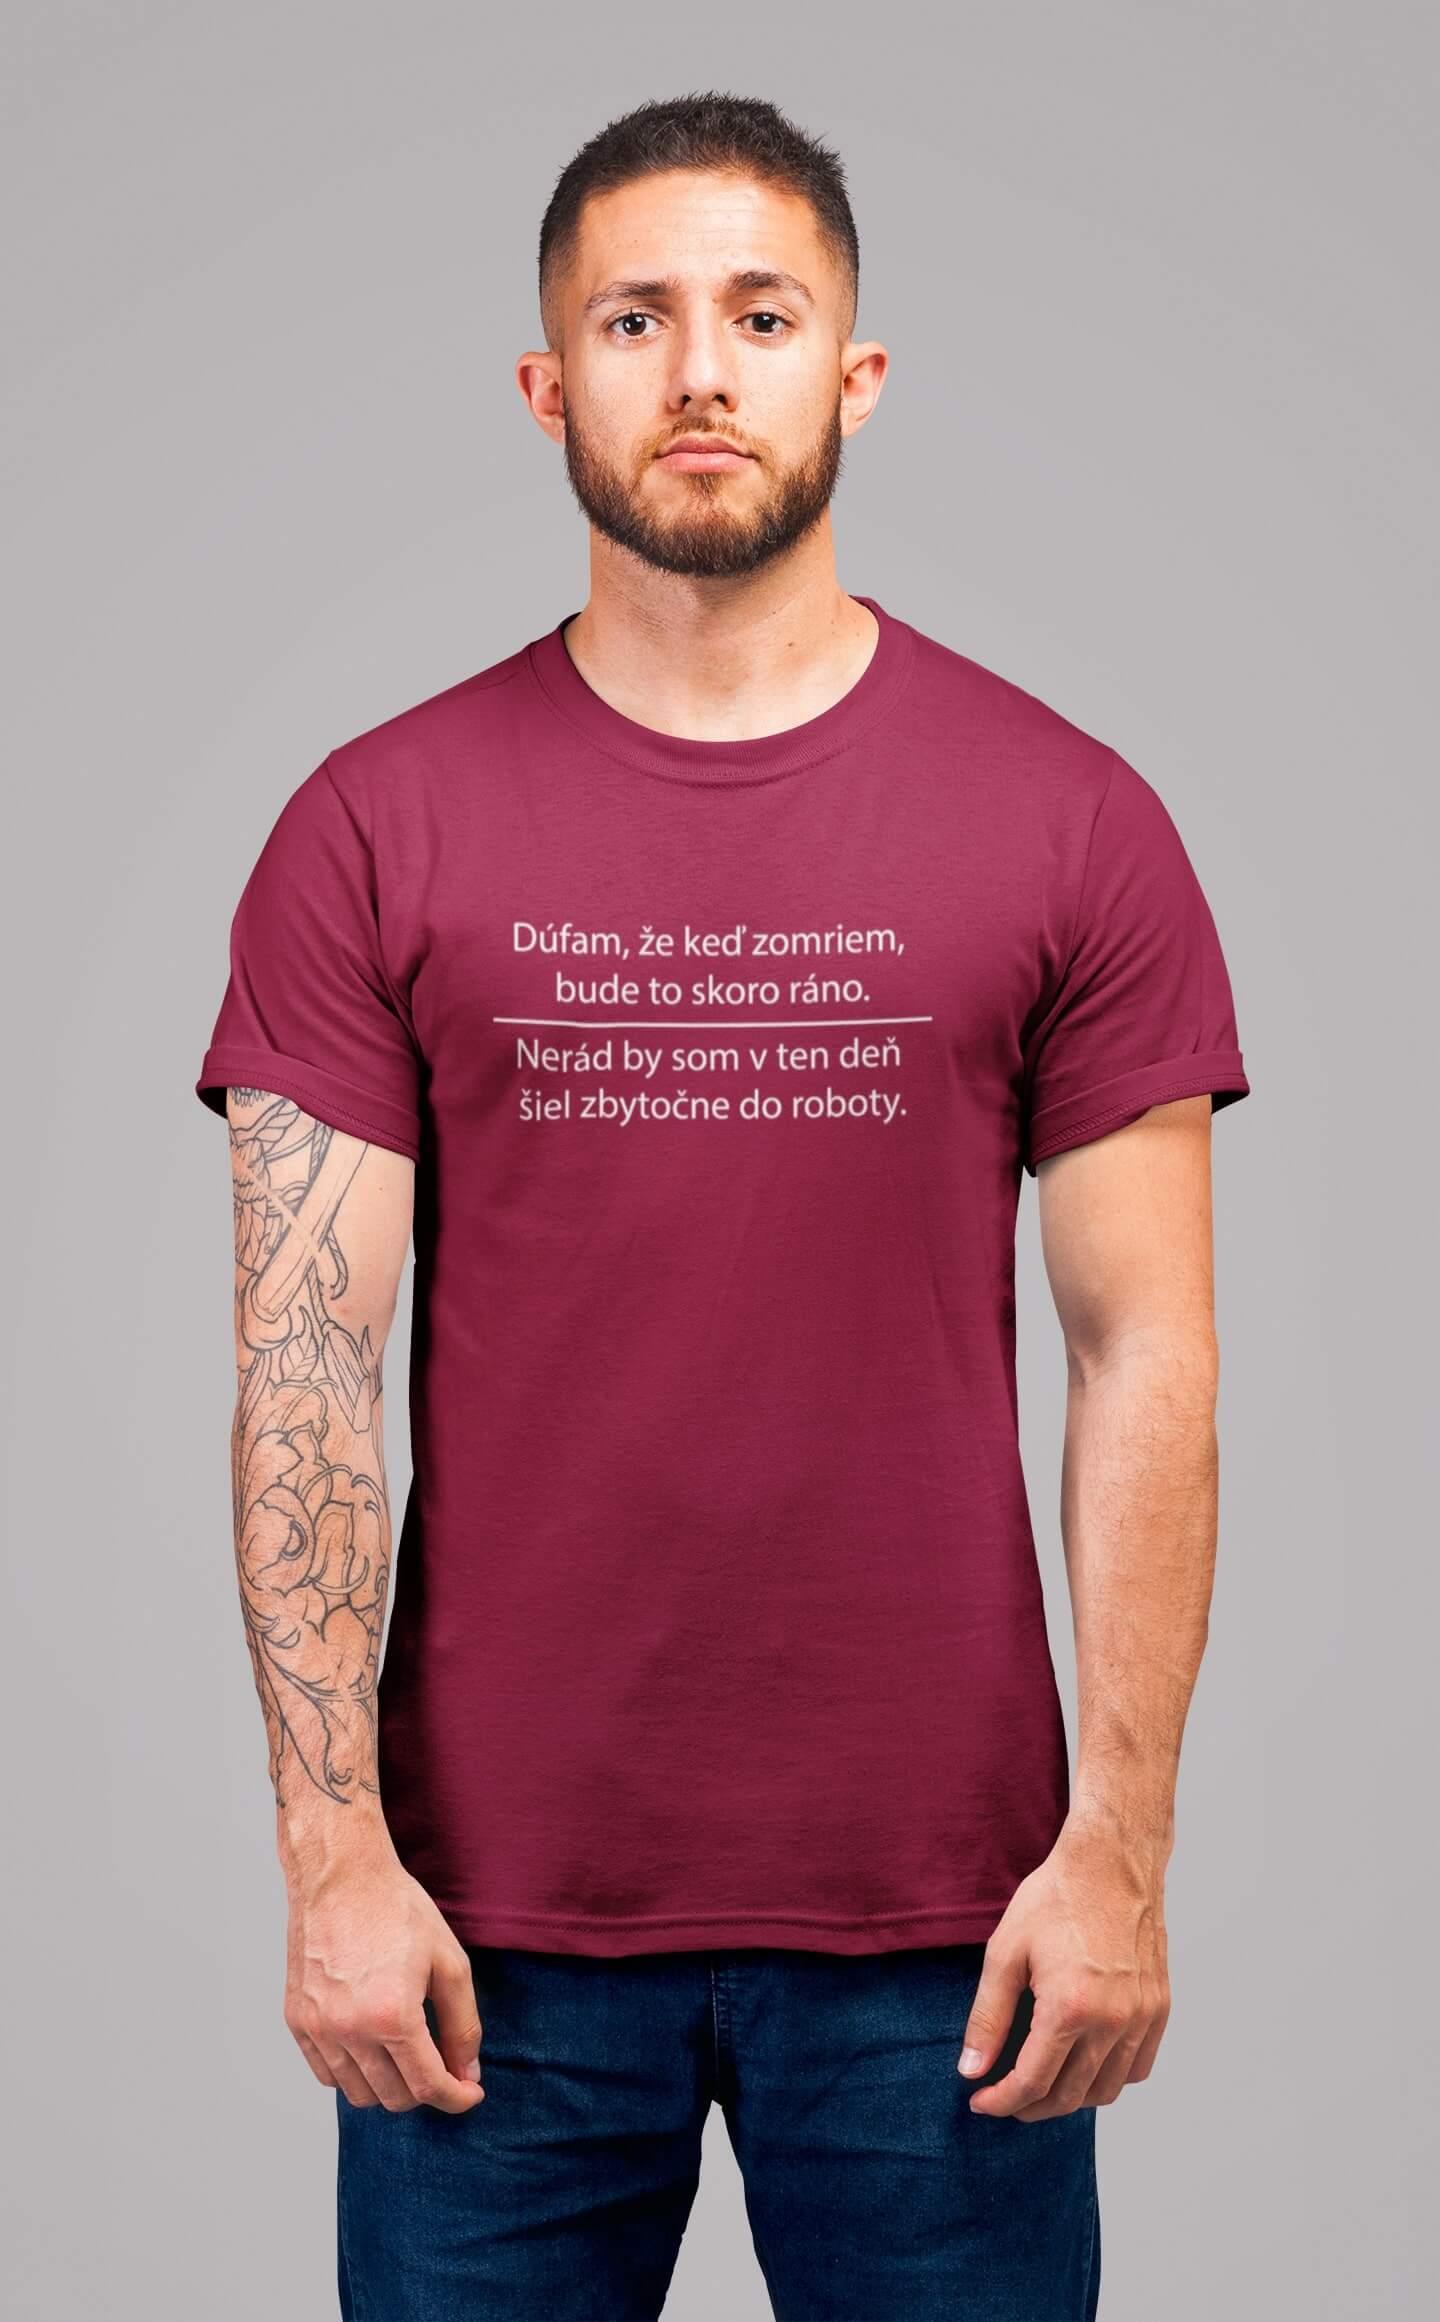 MMO Pánske tričko Robota Vyberte farbu: Marlboro červená, Vyberte veľkosť: L